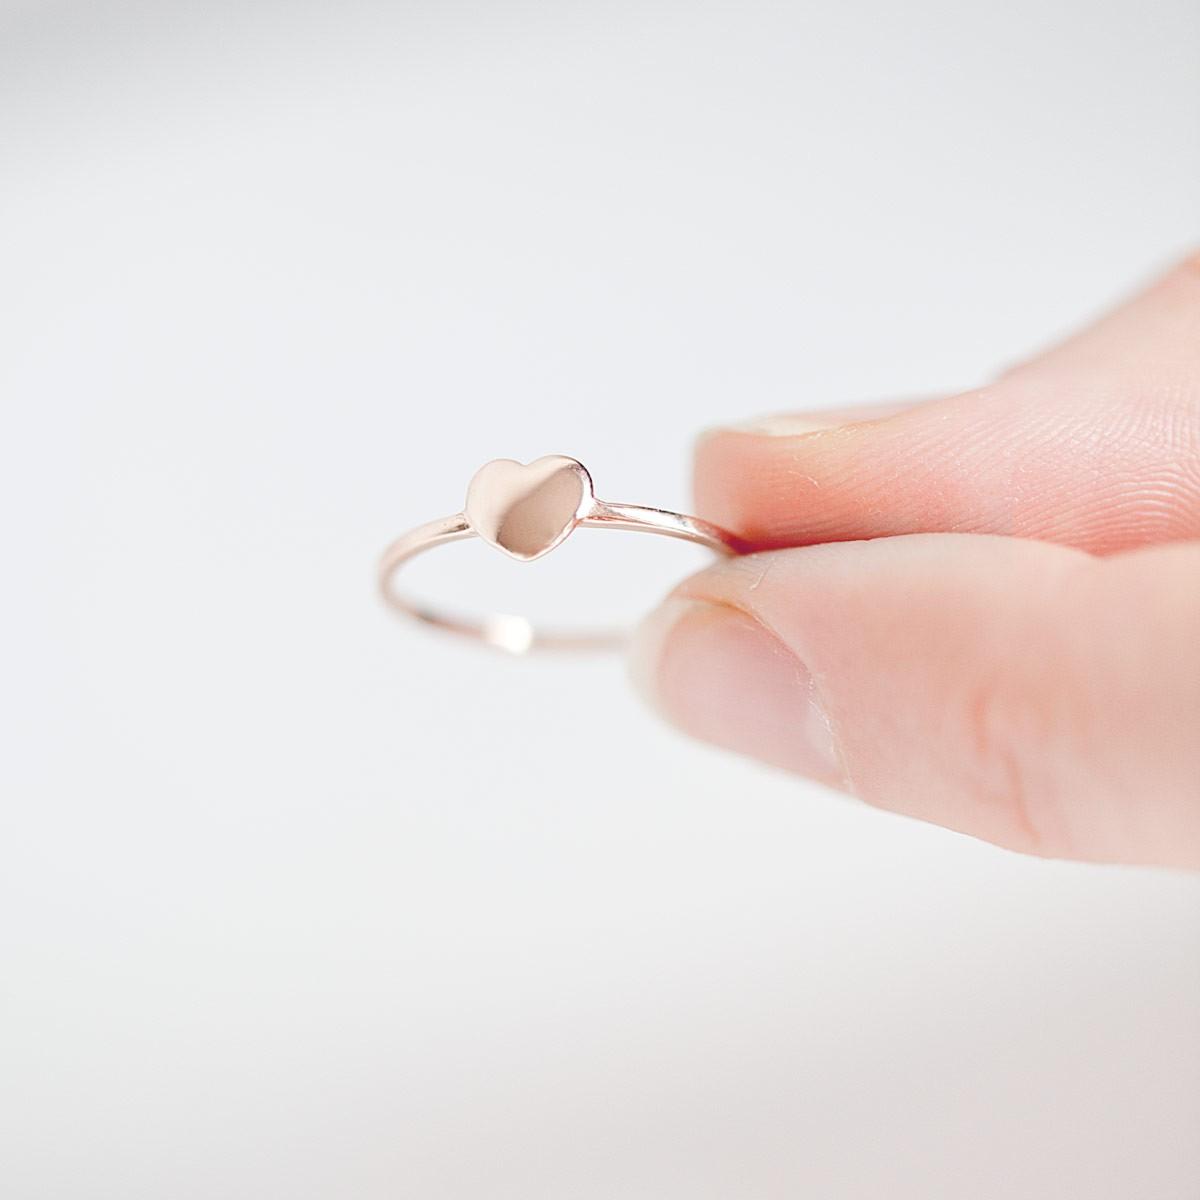 Herz Ring ll aus recyceltem 925er Sterlingsilber, rosévergoldet inkl. Box